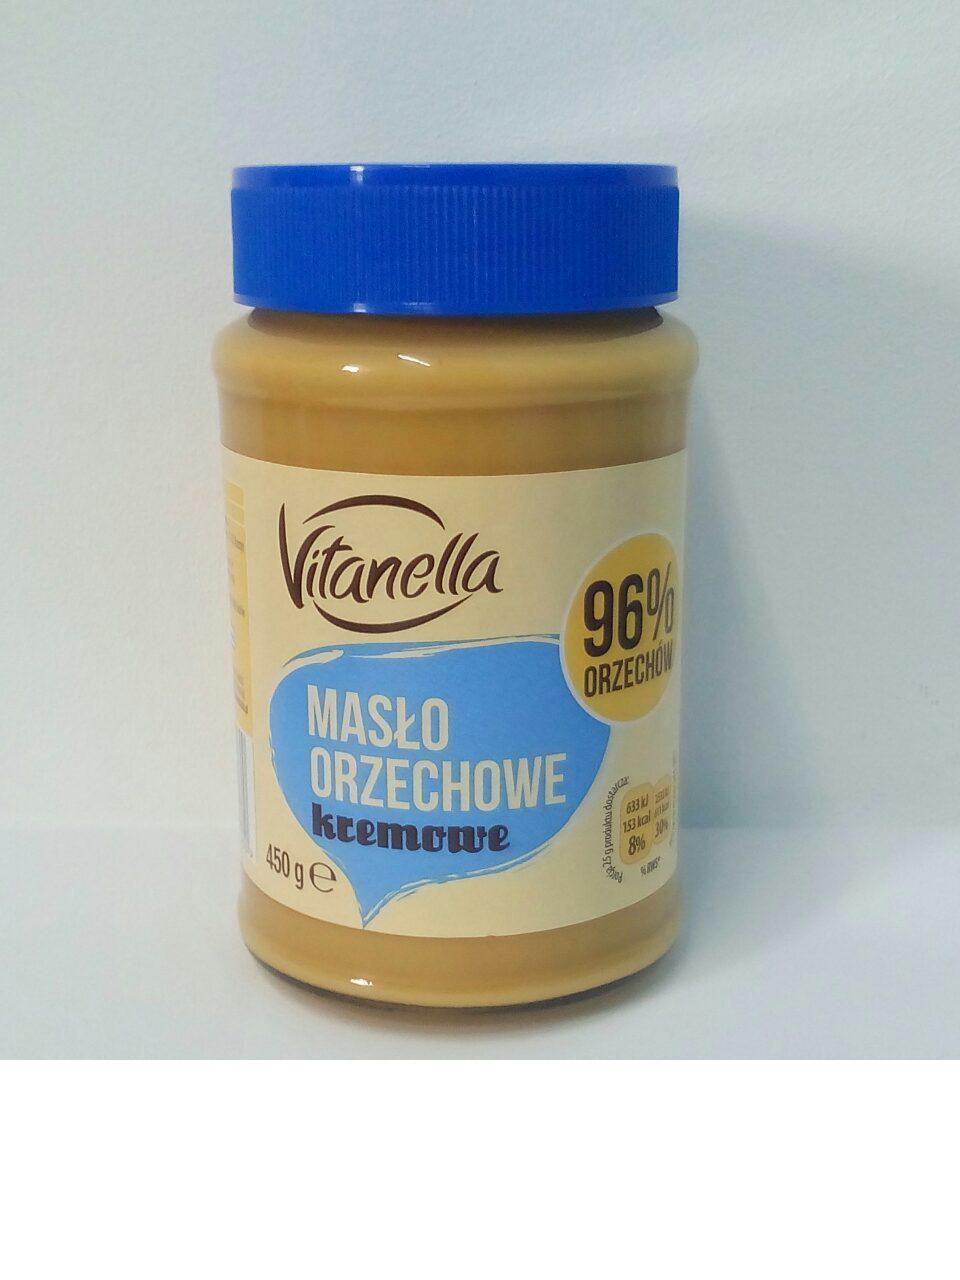 Арахисовое масло Vitanella Crem